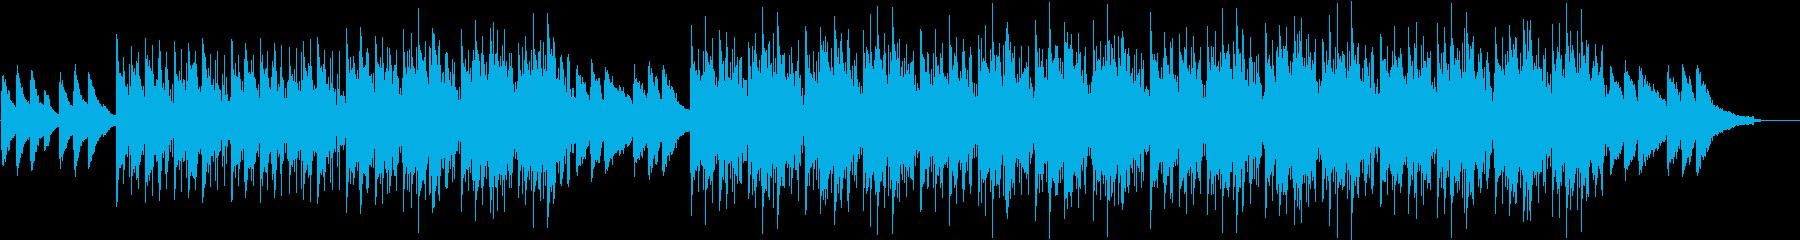 寂しく切ないチルアウトの再生済みの波形